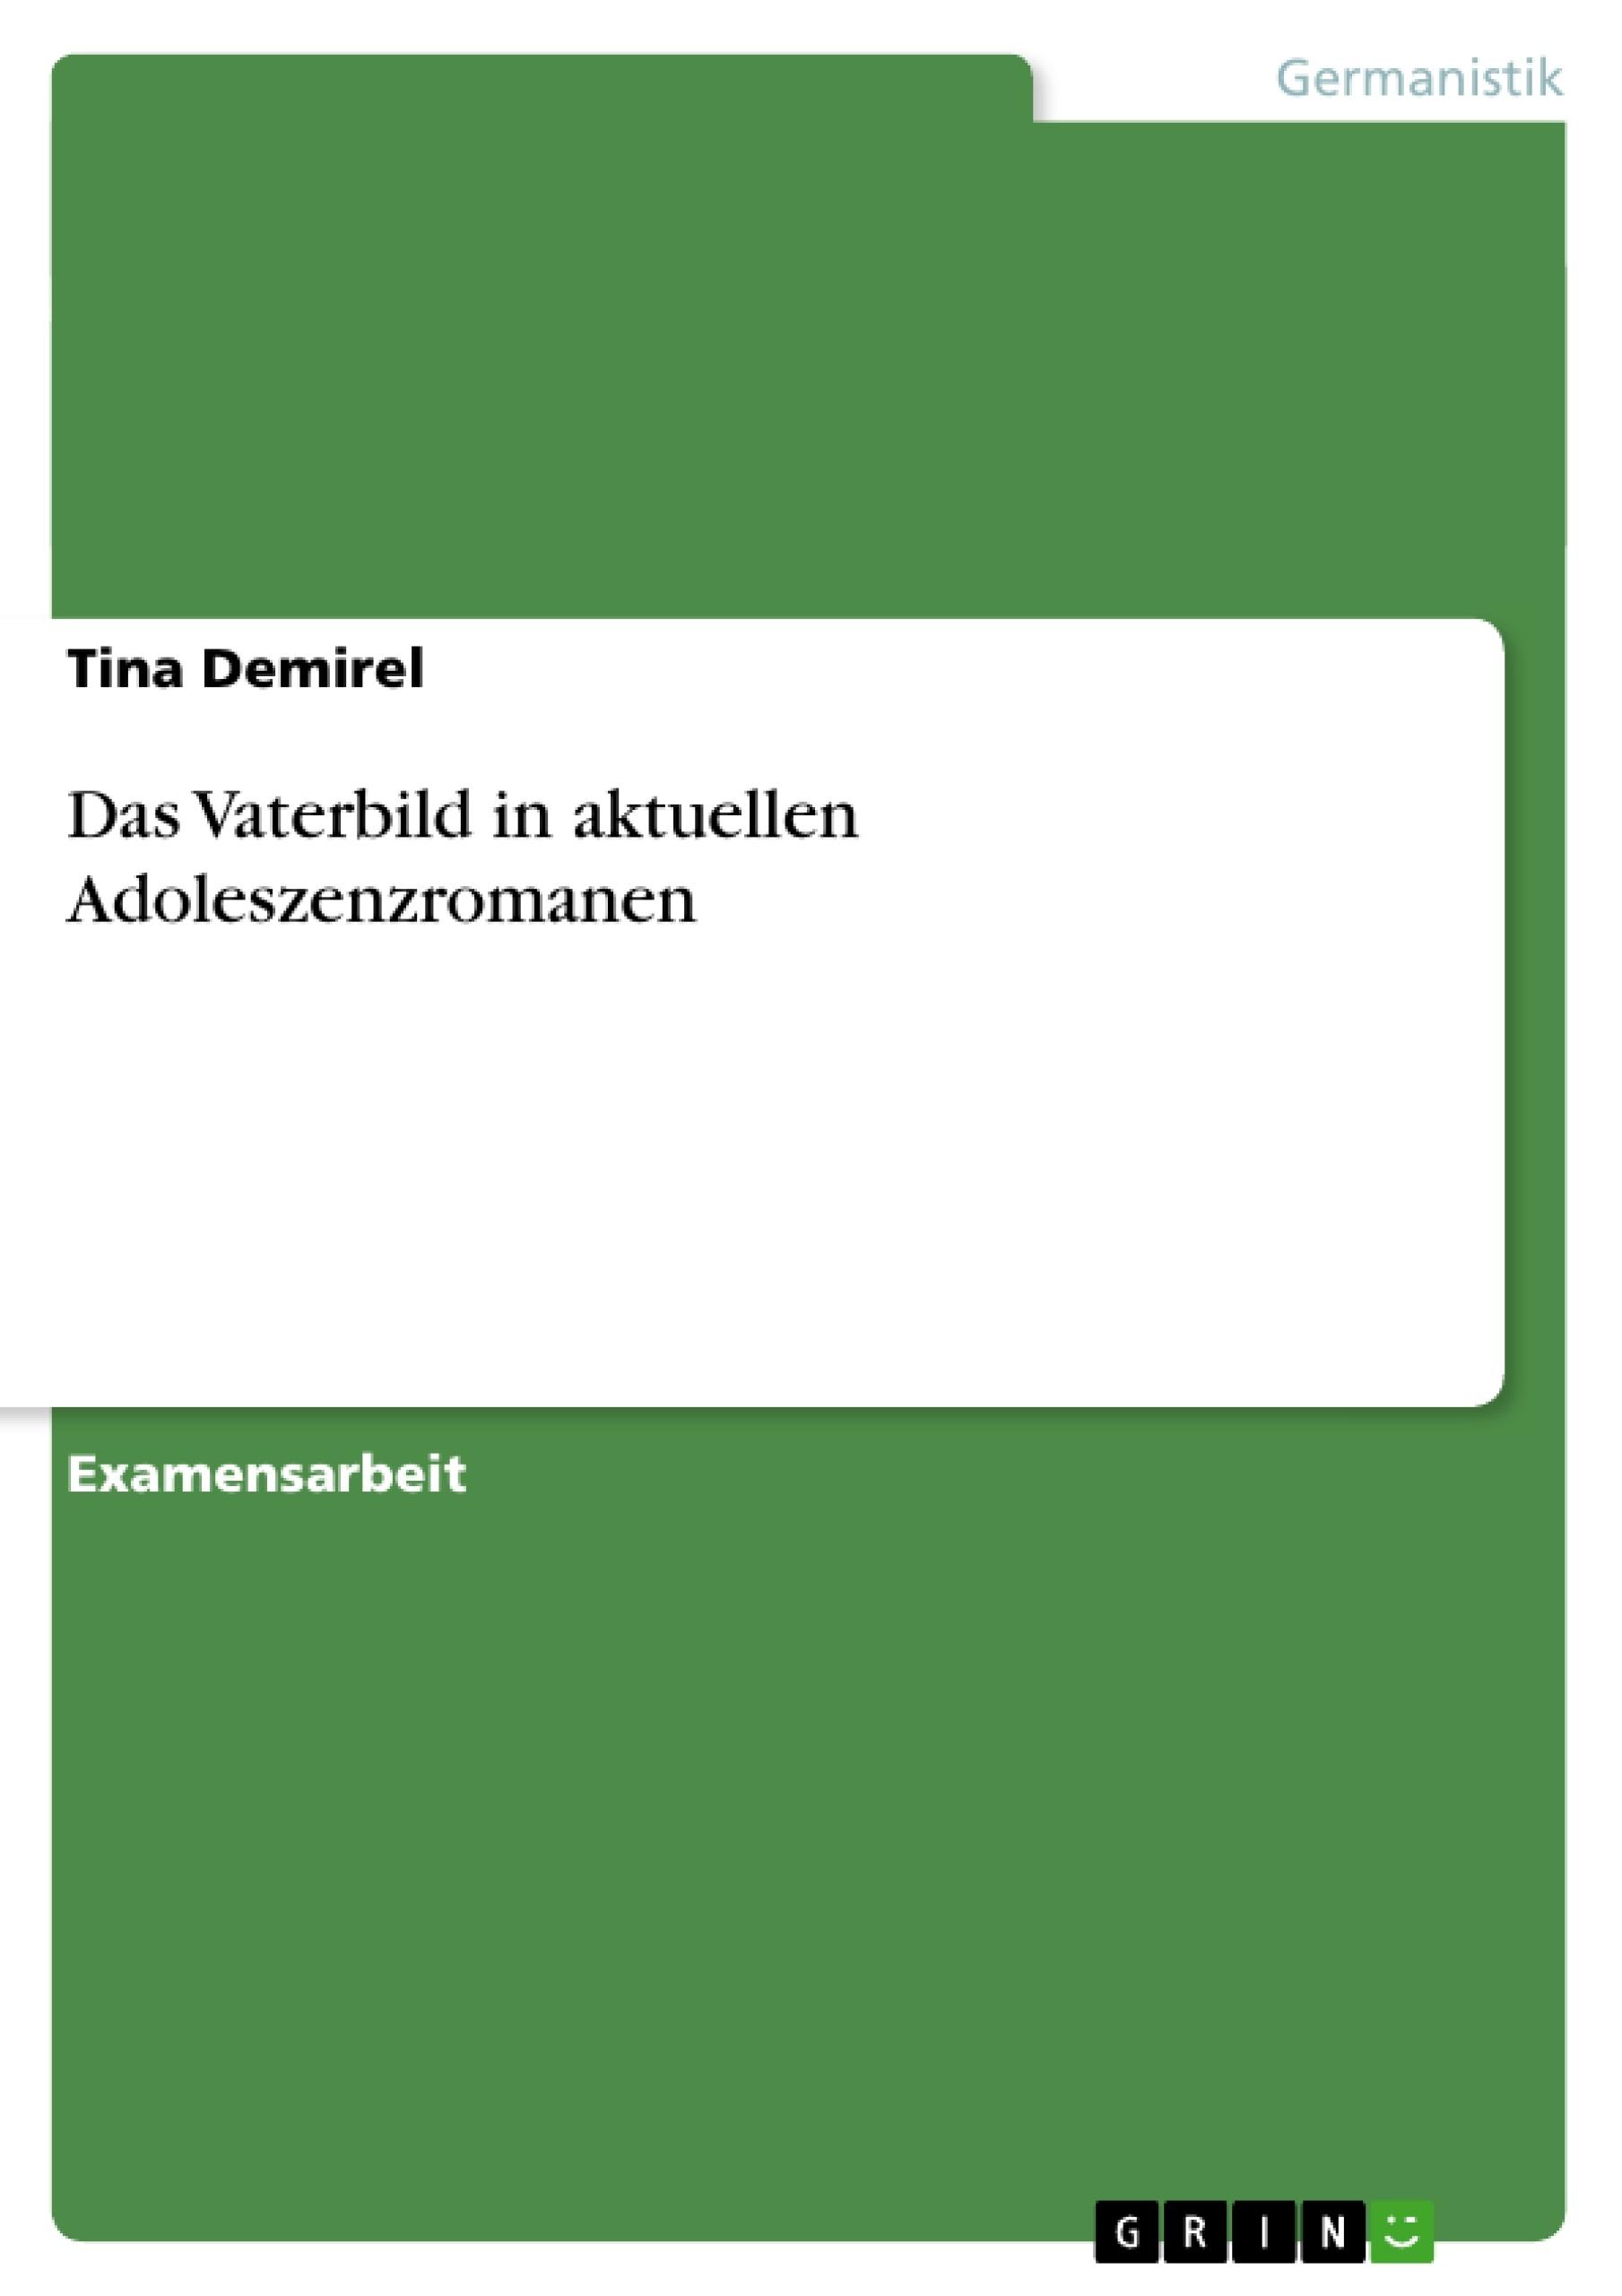 Titel: Das Vaterbild in aktuellen Adoleszenzromanen